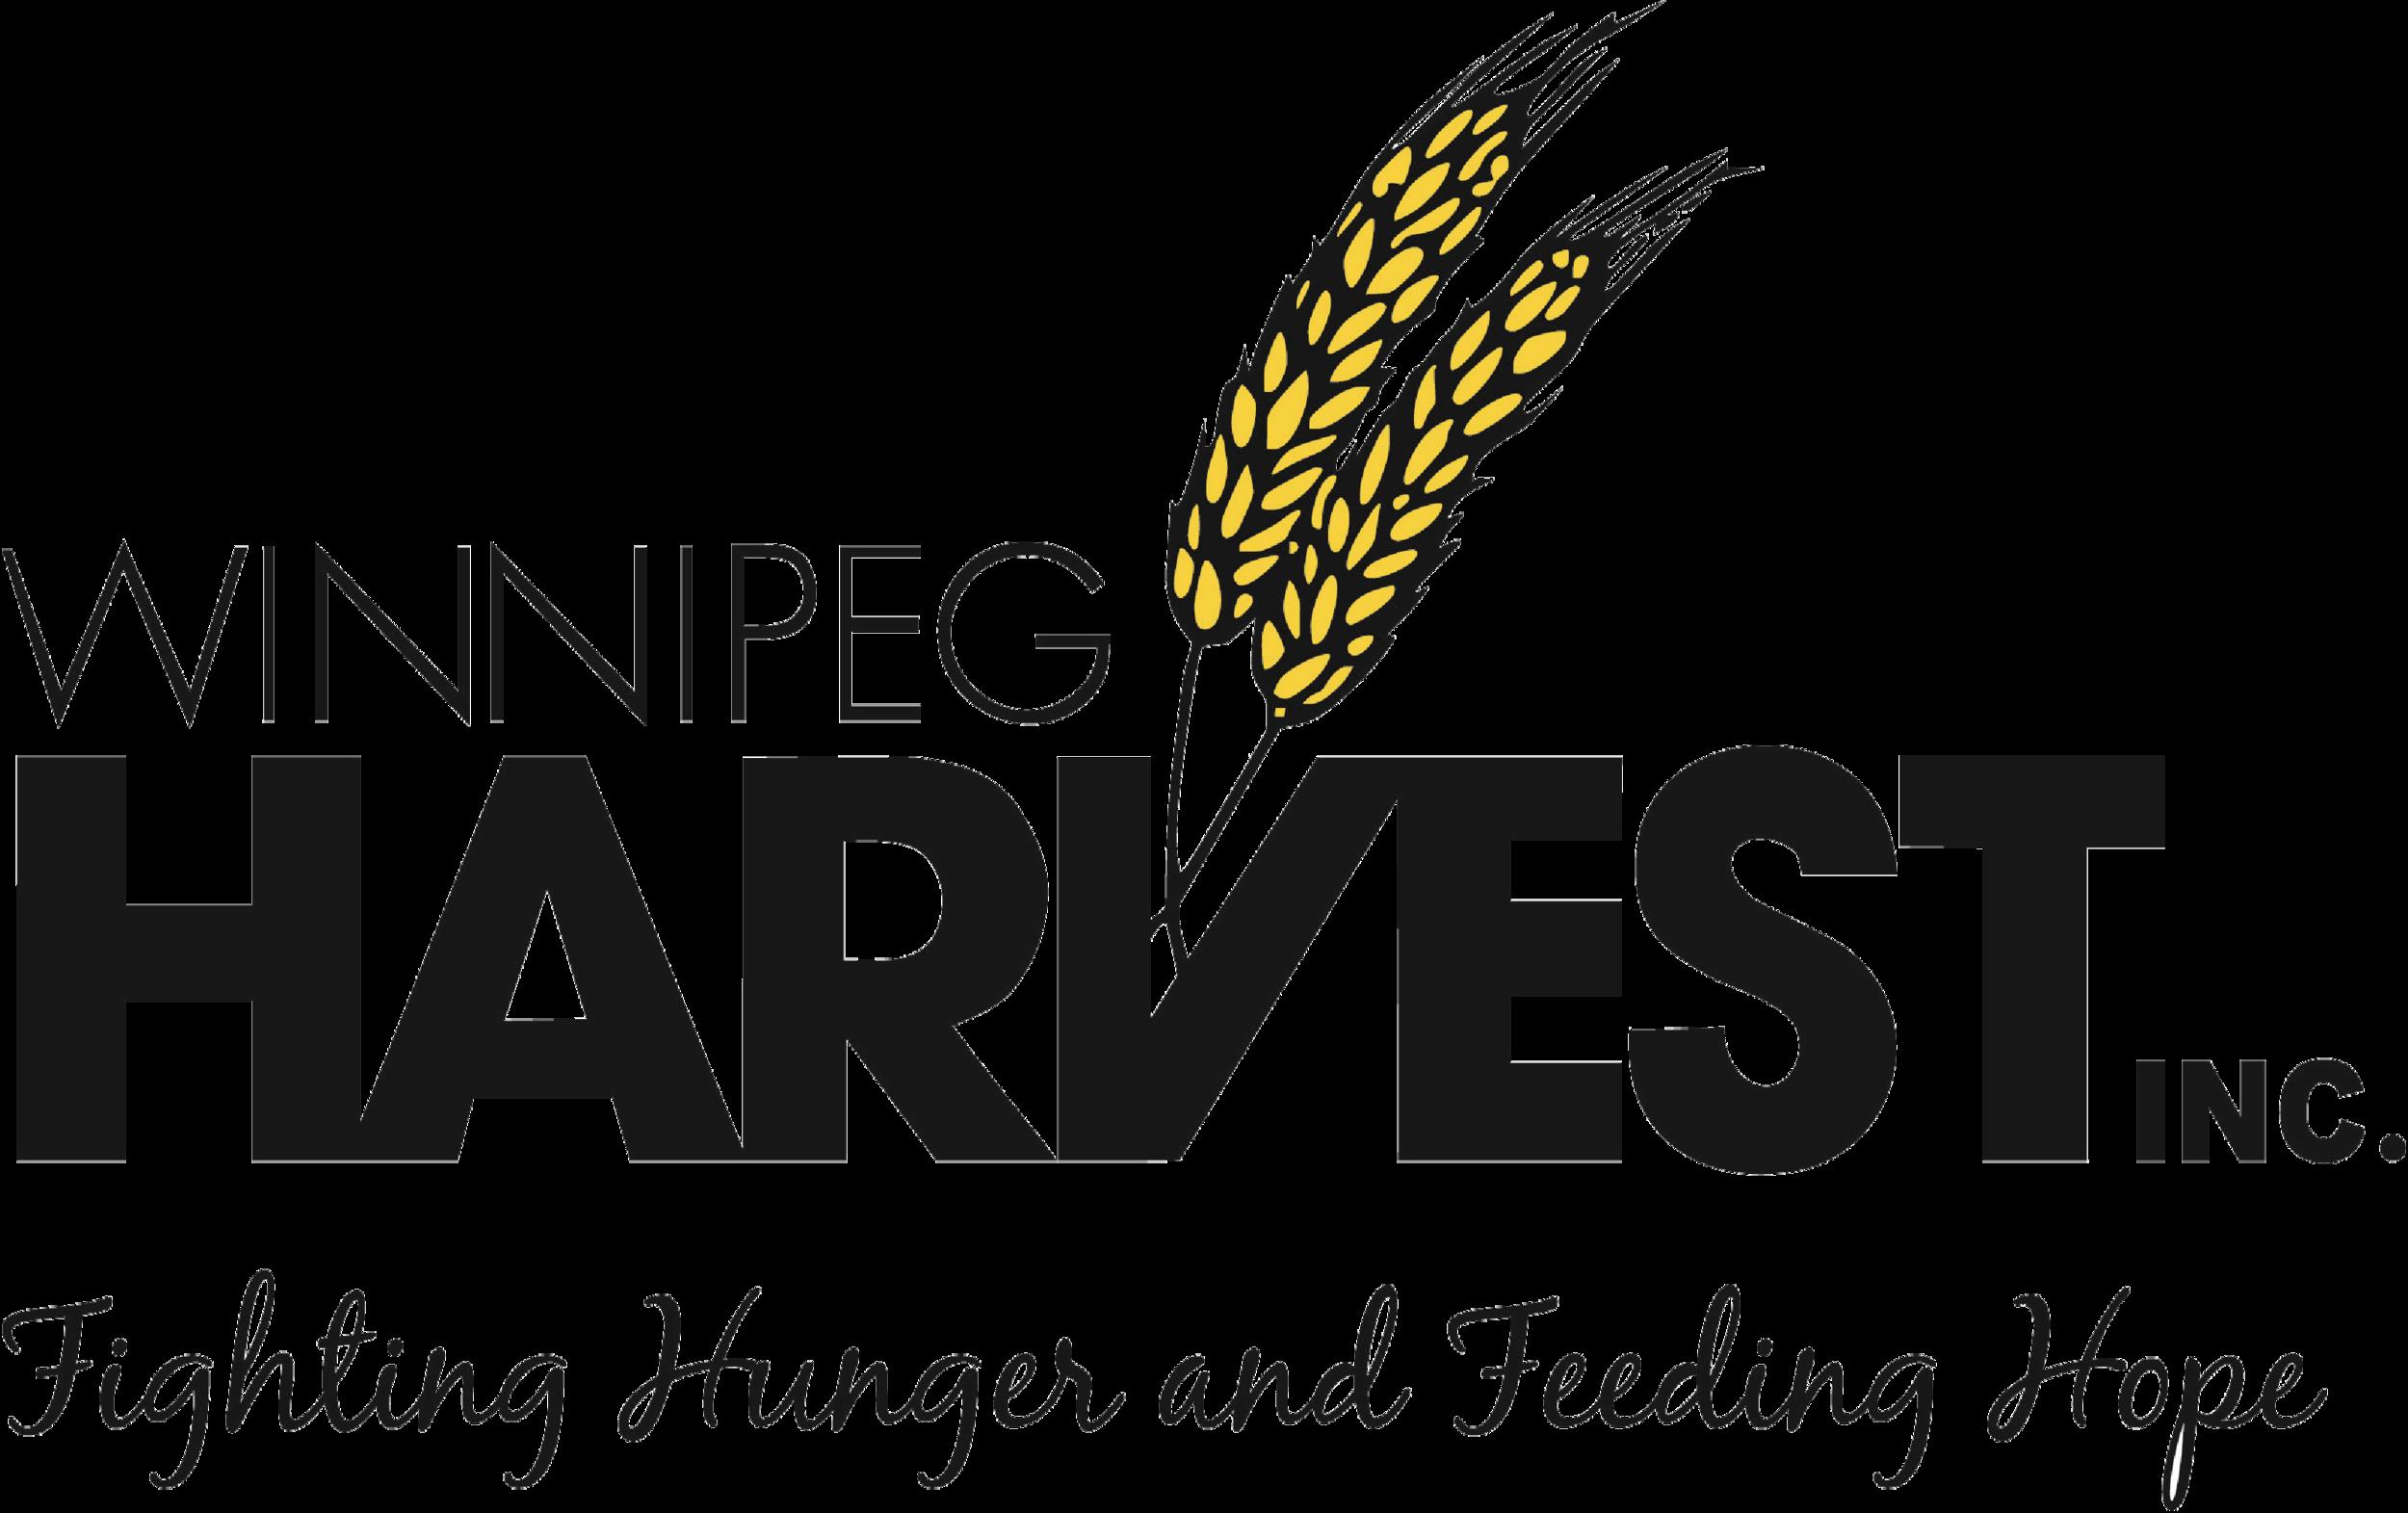 WPG-Harvest-Logo-Transparent.png